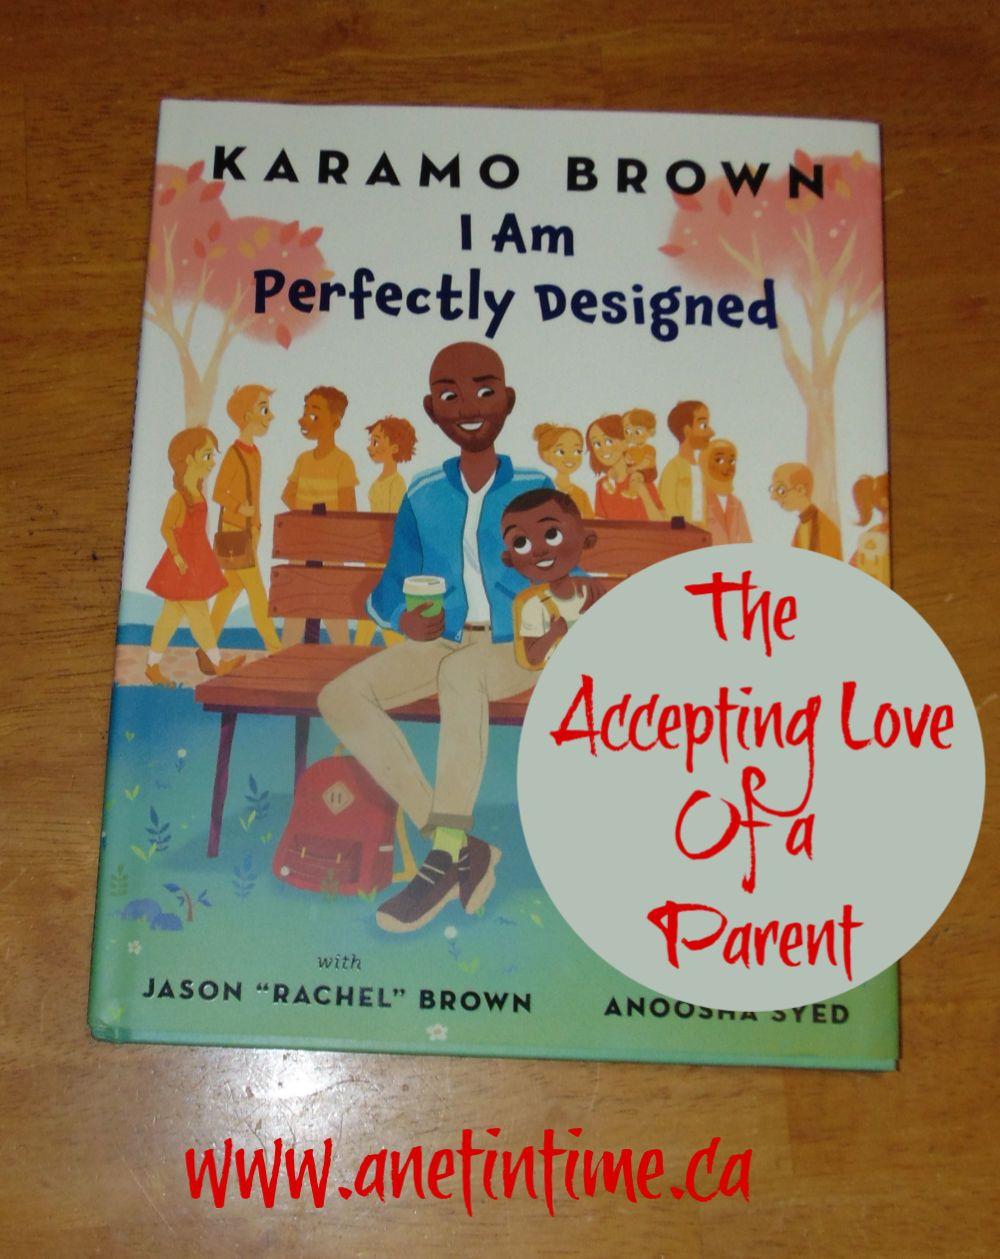 karamo brown book quotes